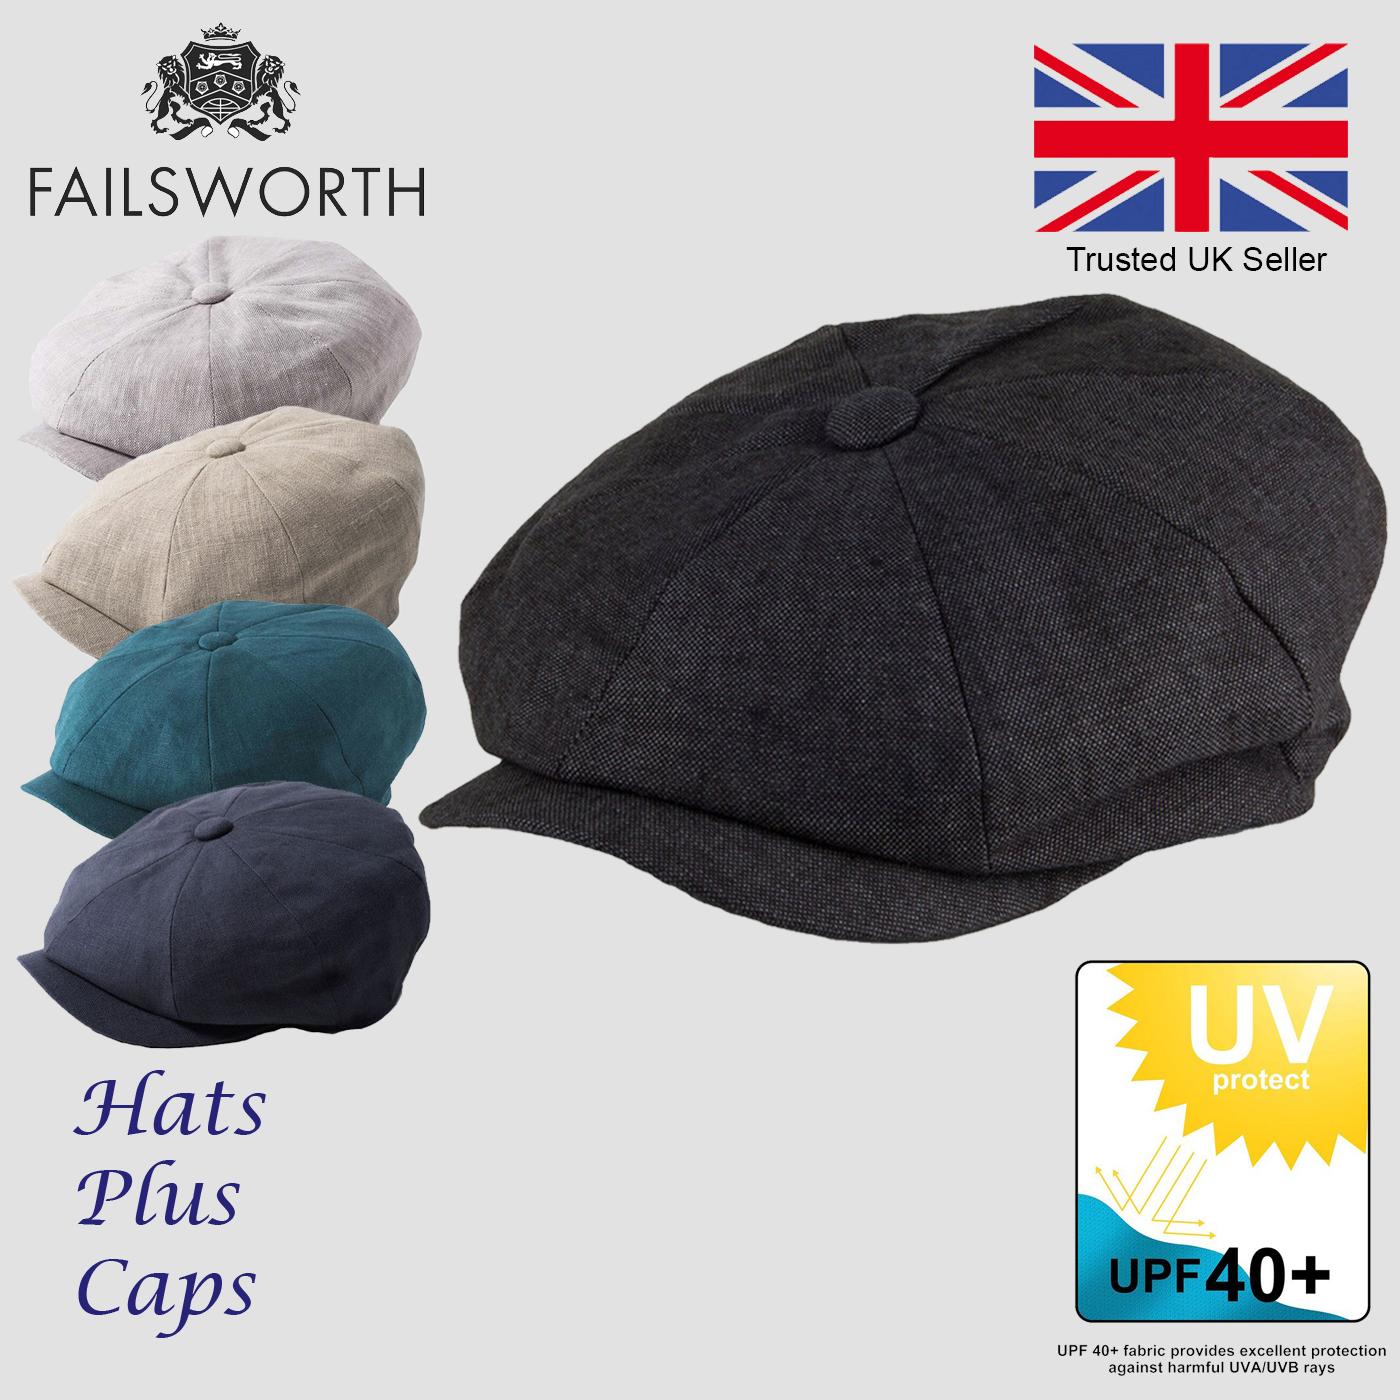 9d2e326c Failsworth Irish Linen Alfie Summer Newsboy Flat Cap UPF40 Sun Hat ...